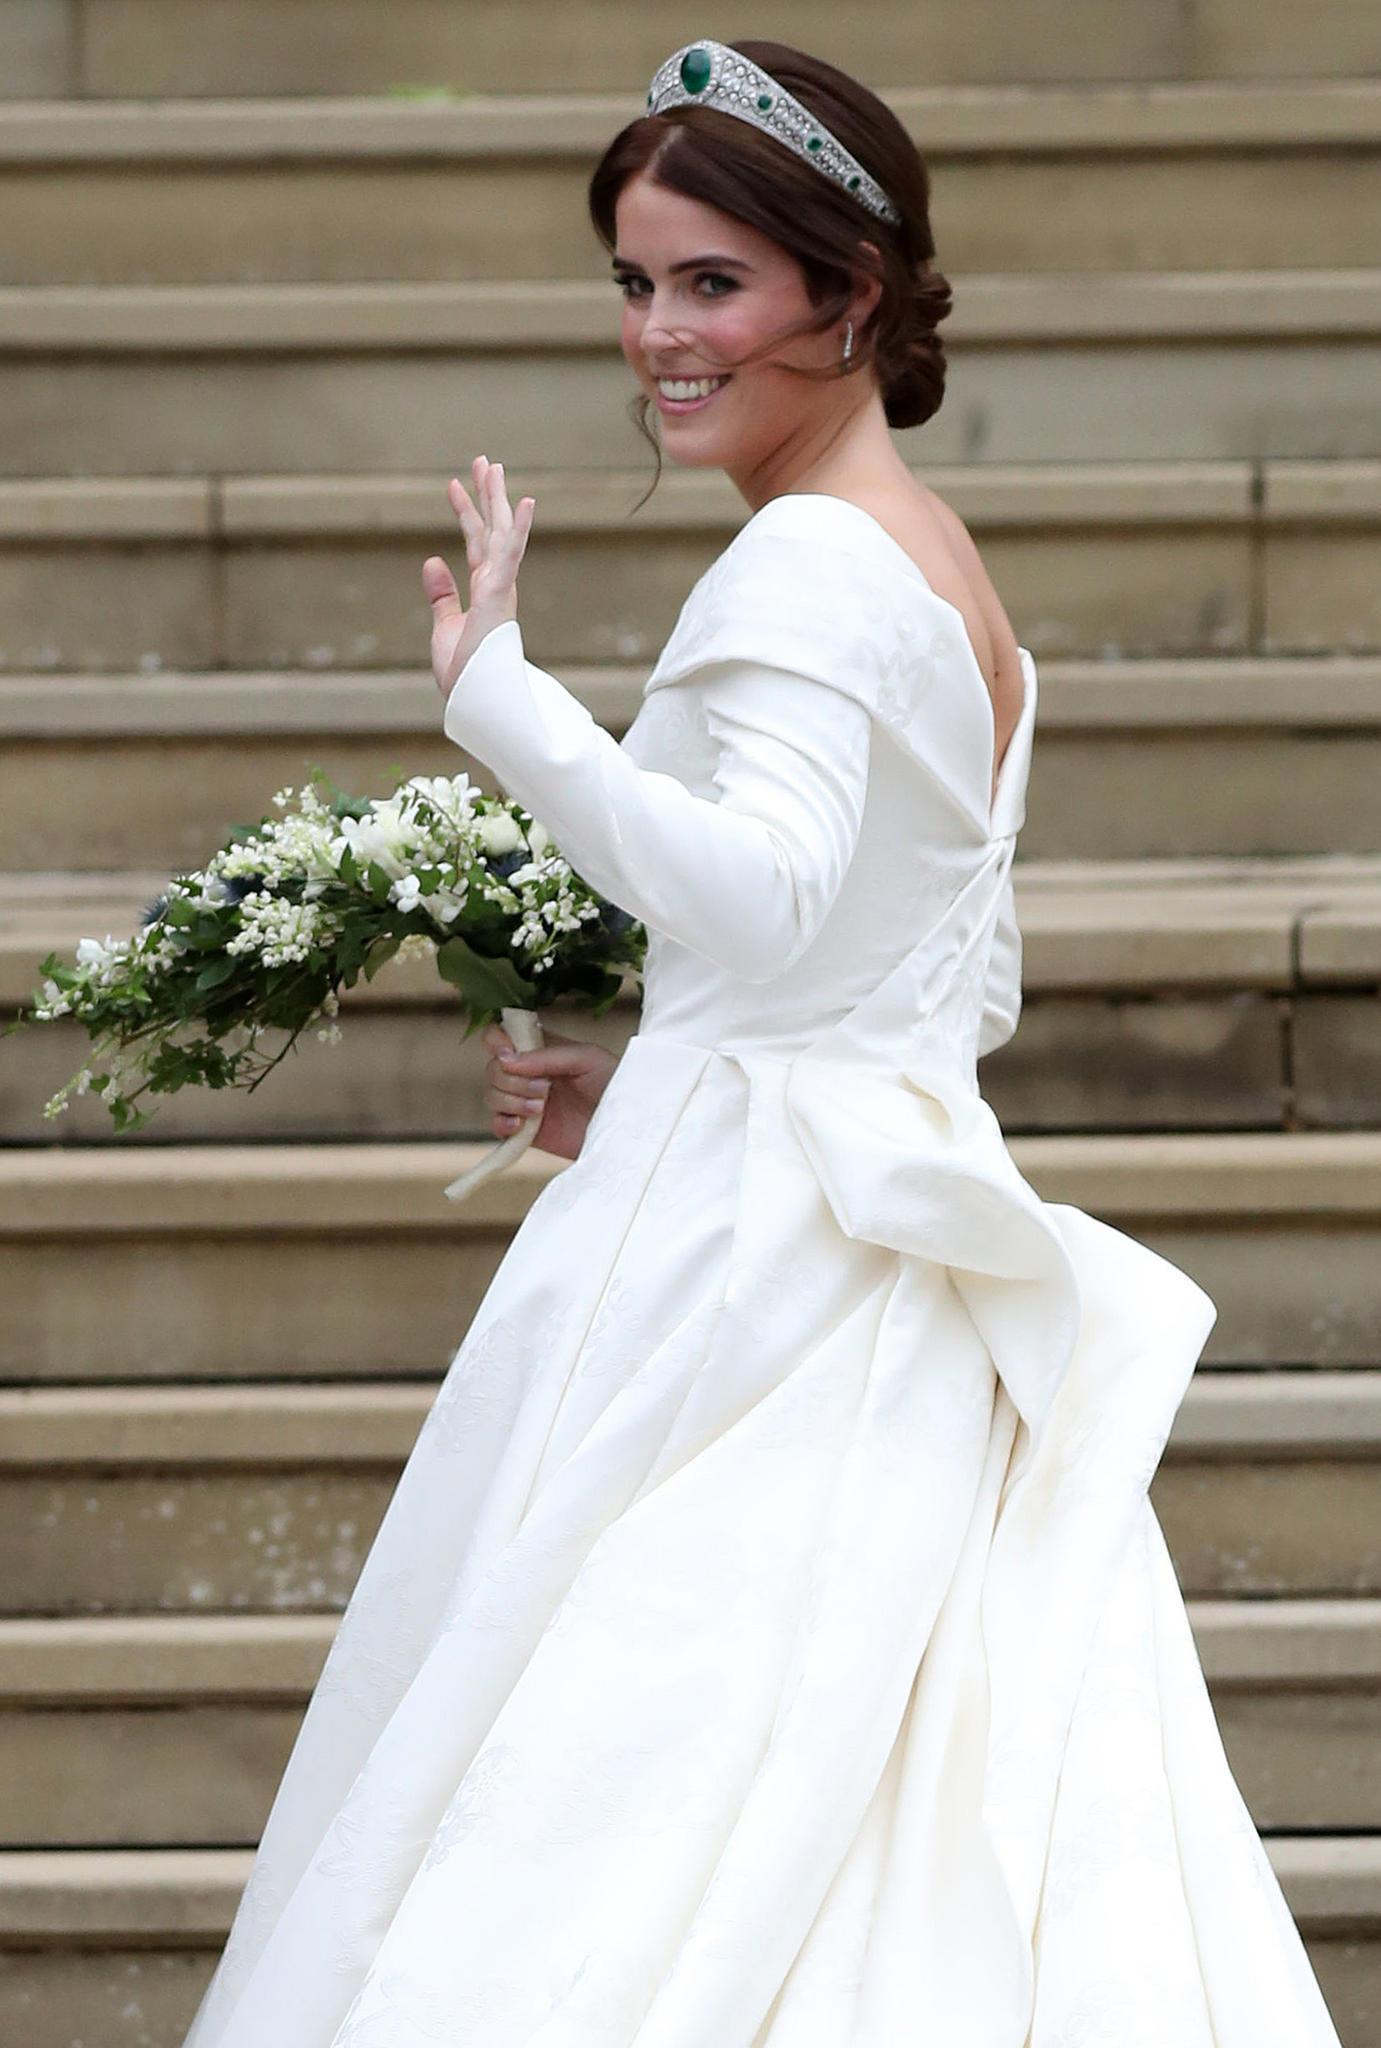 Prinzessin Eugenie: In Diesem Kleid Heiratet Sie Jack